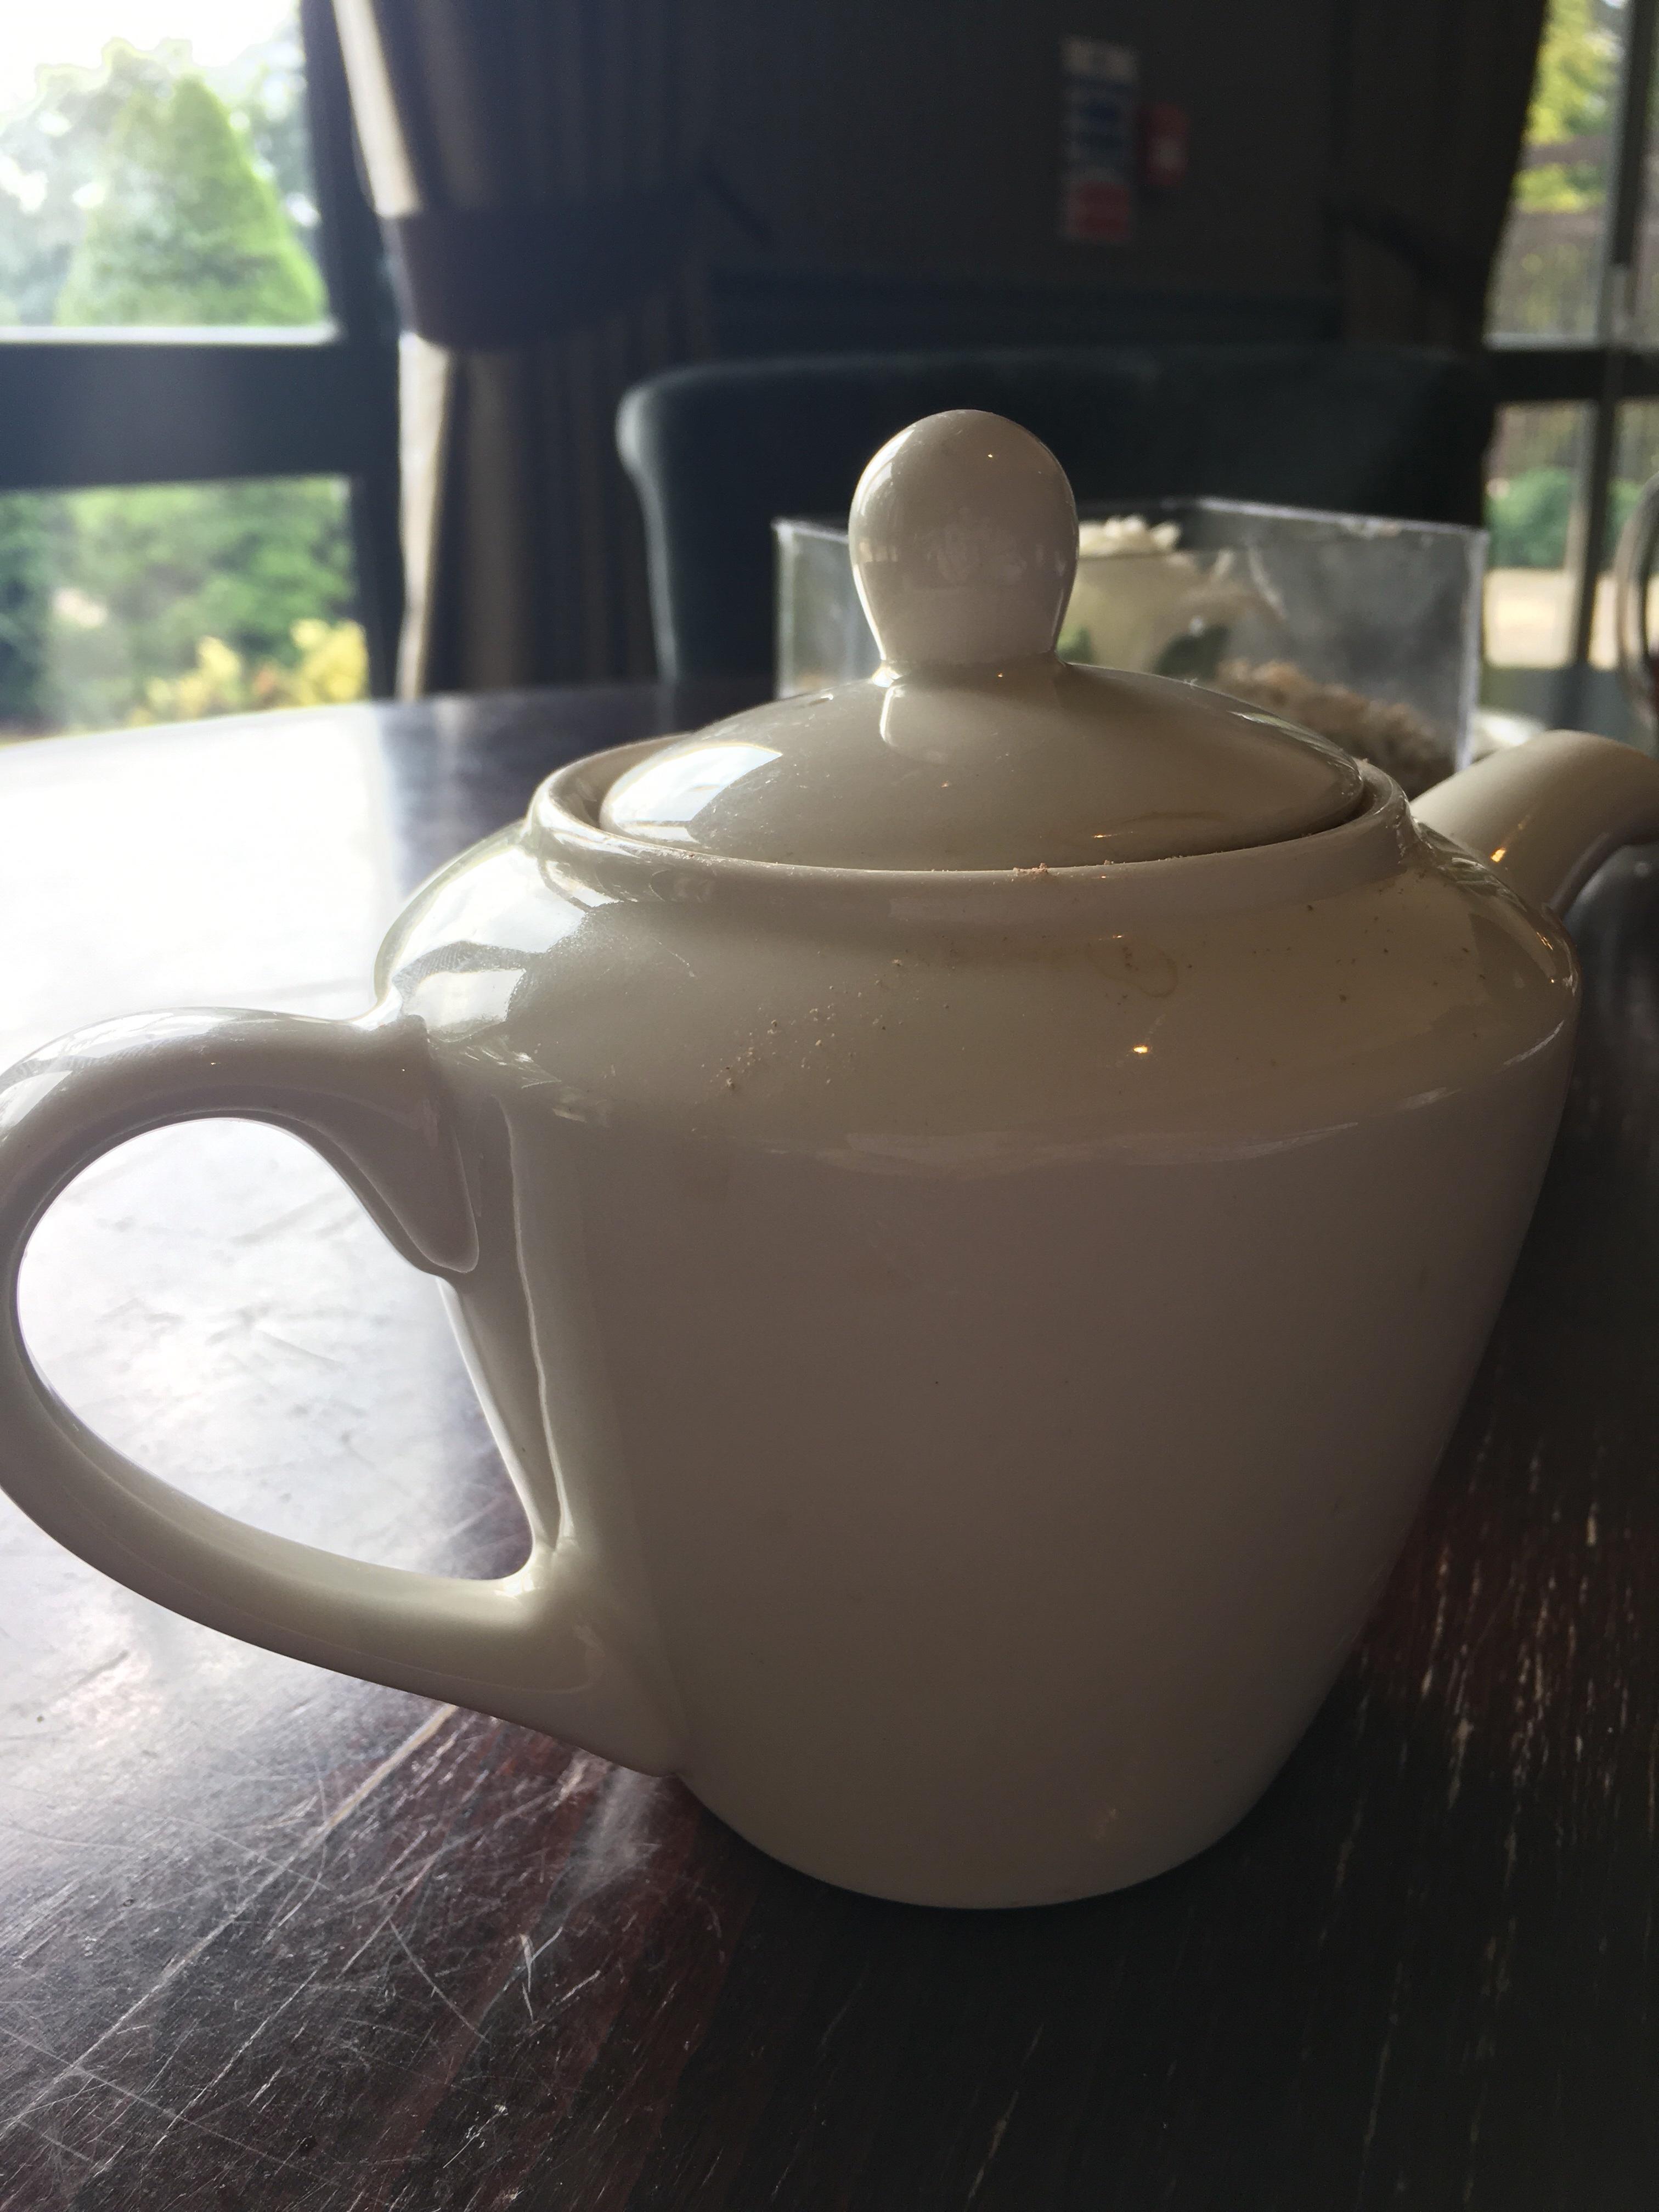 Hot chocolate in a tea pot